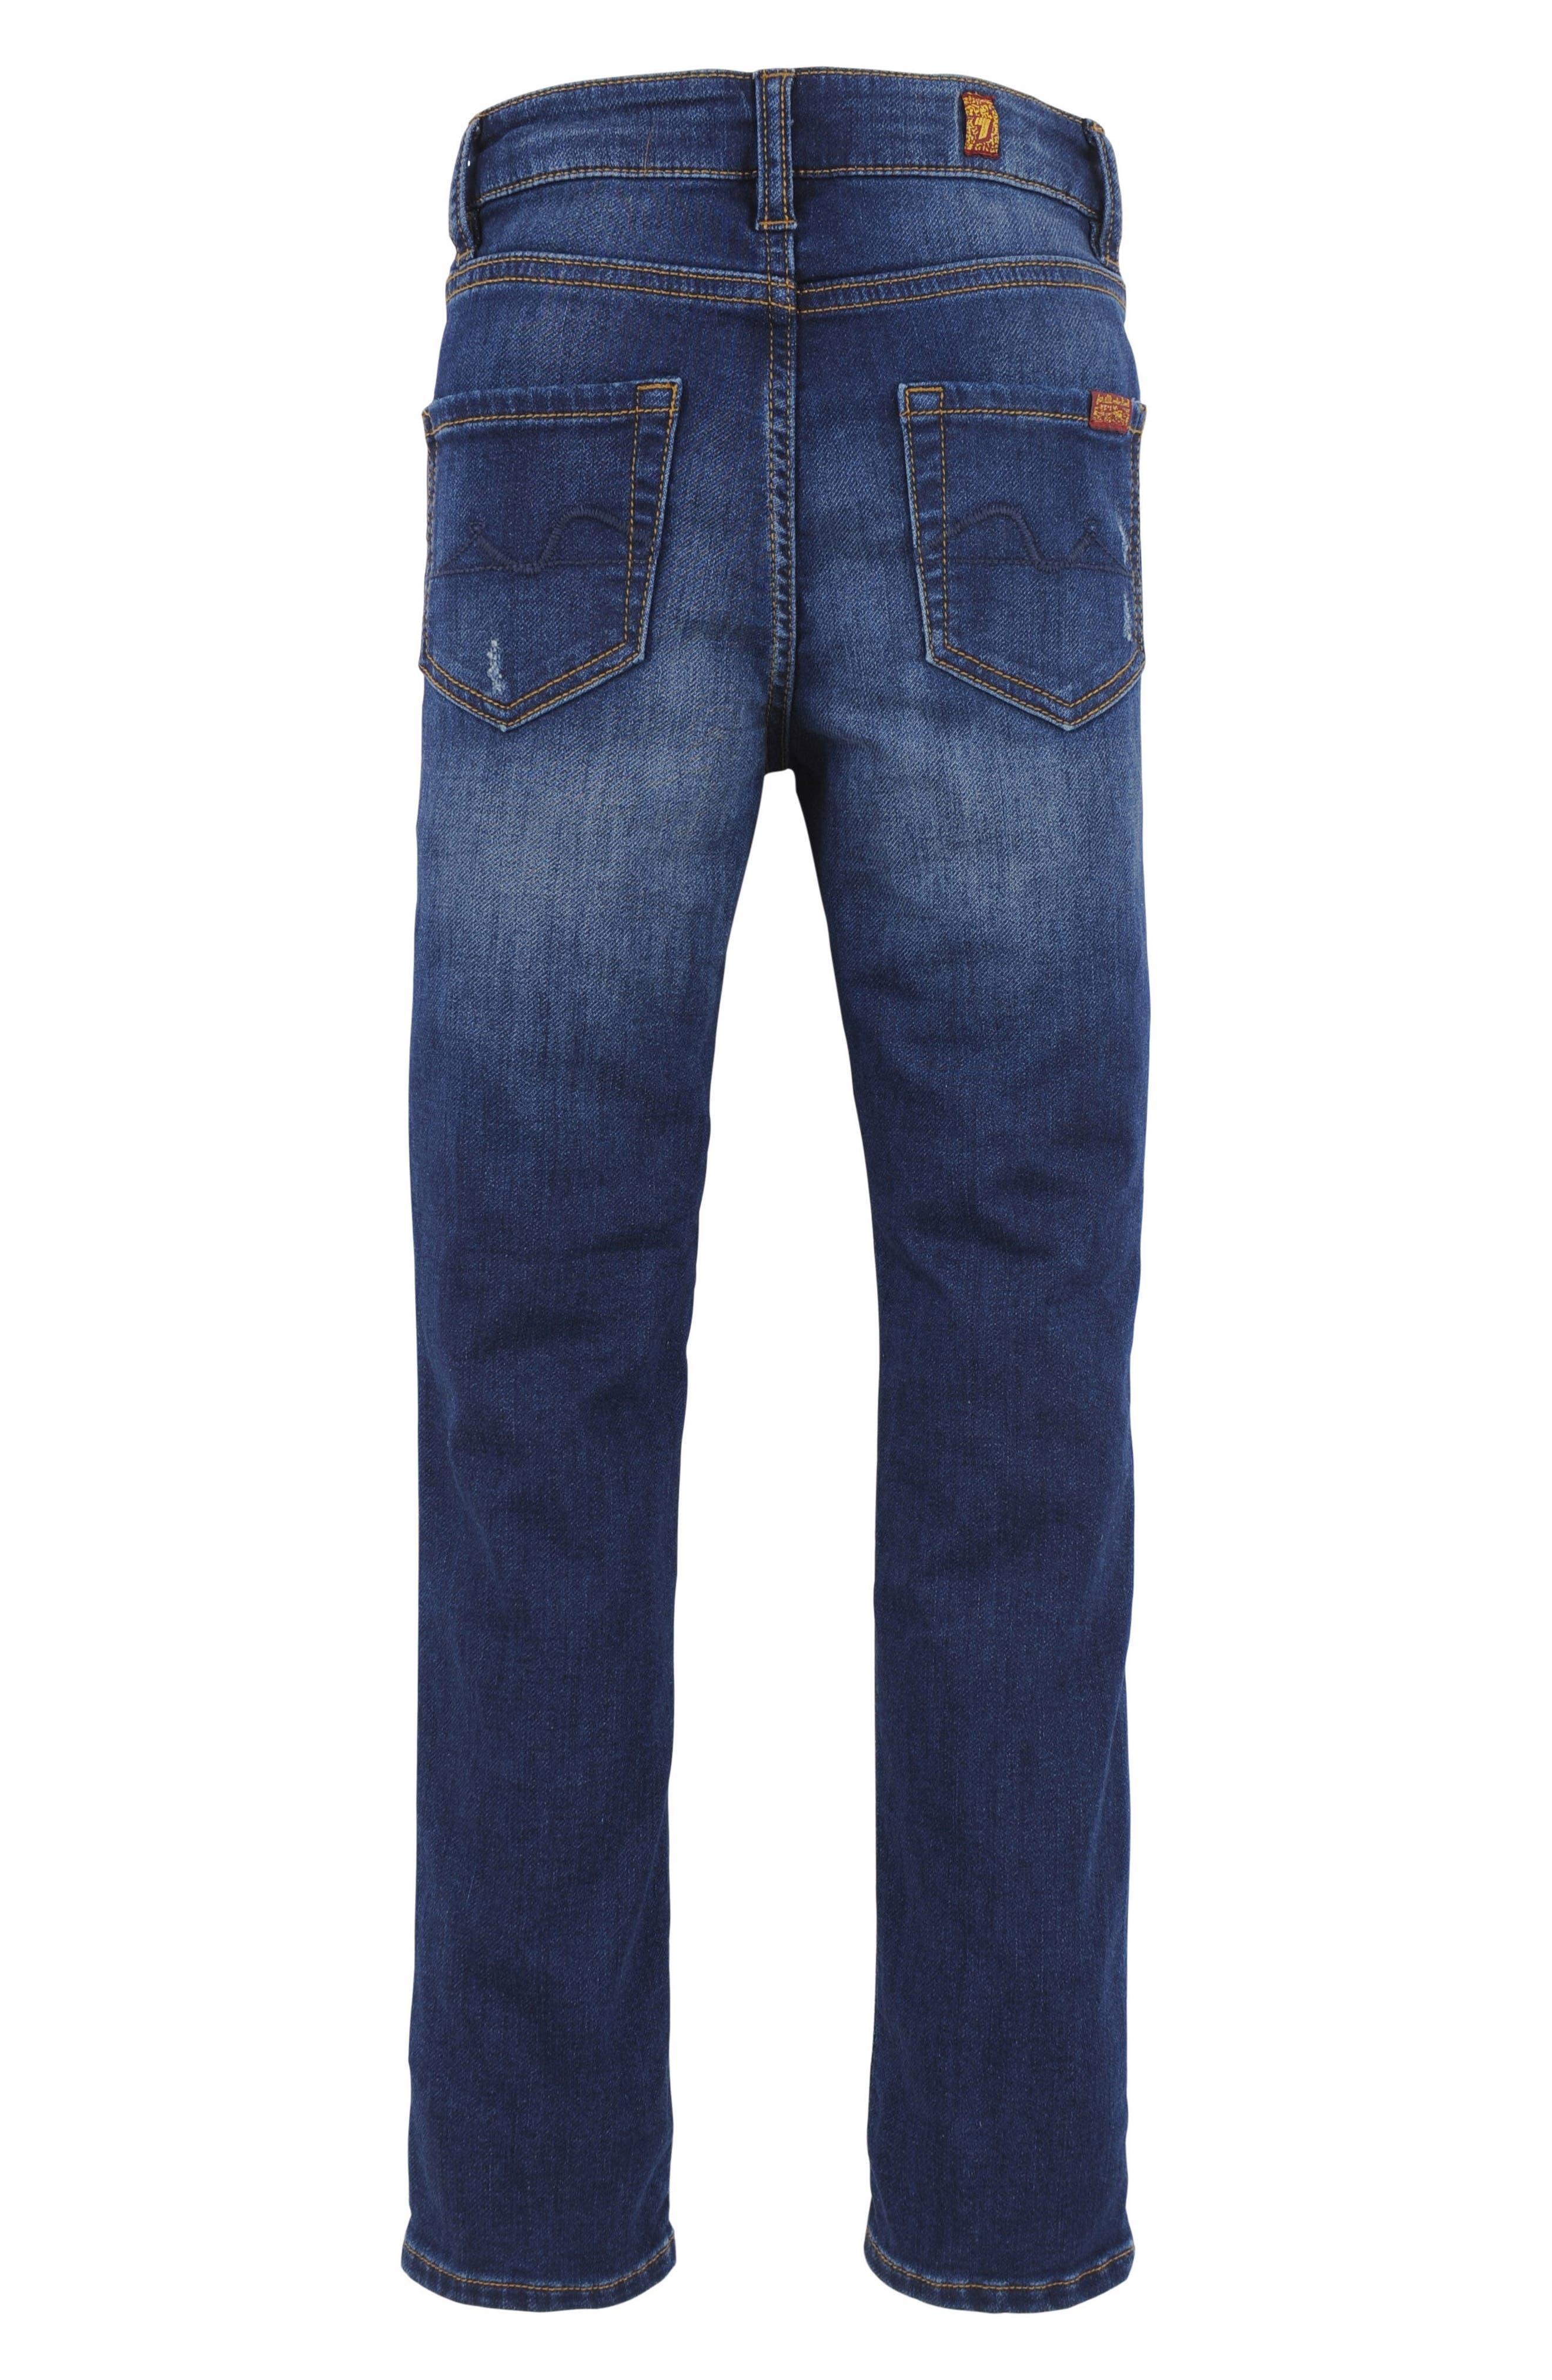 Slimmy Luxe Sport Jeans,                             Alternate thumbnail 2, color,                             Desert Sun